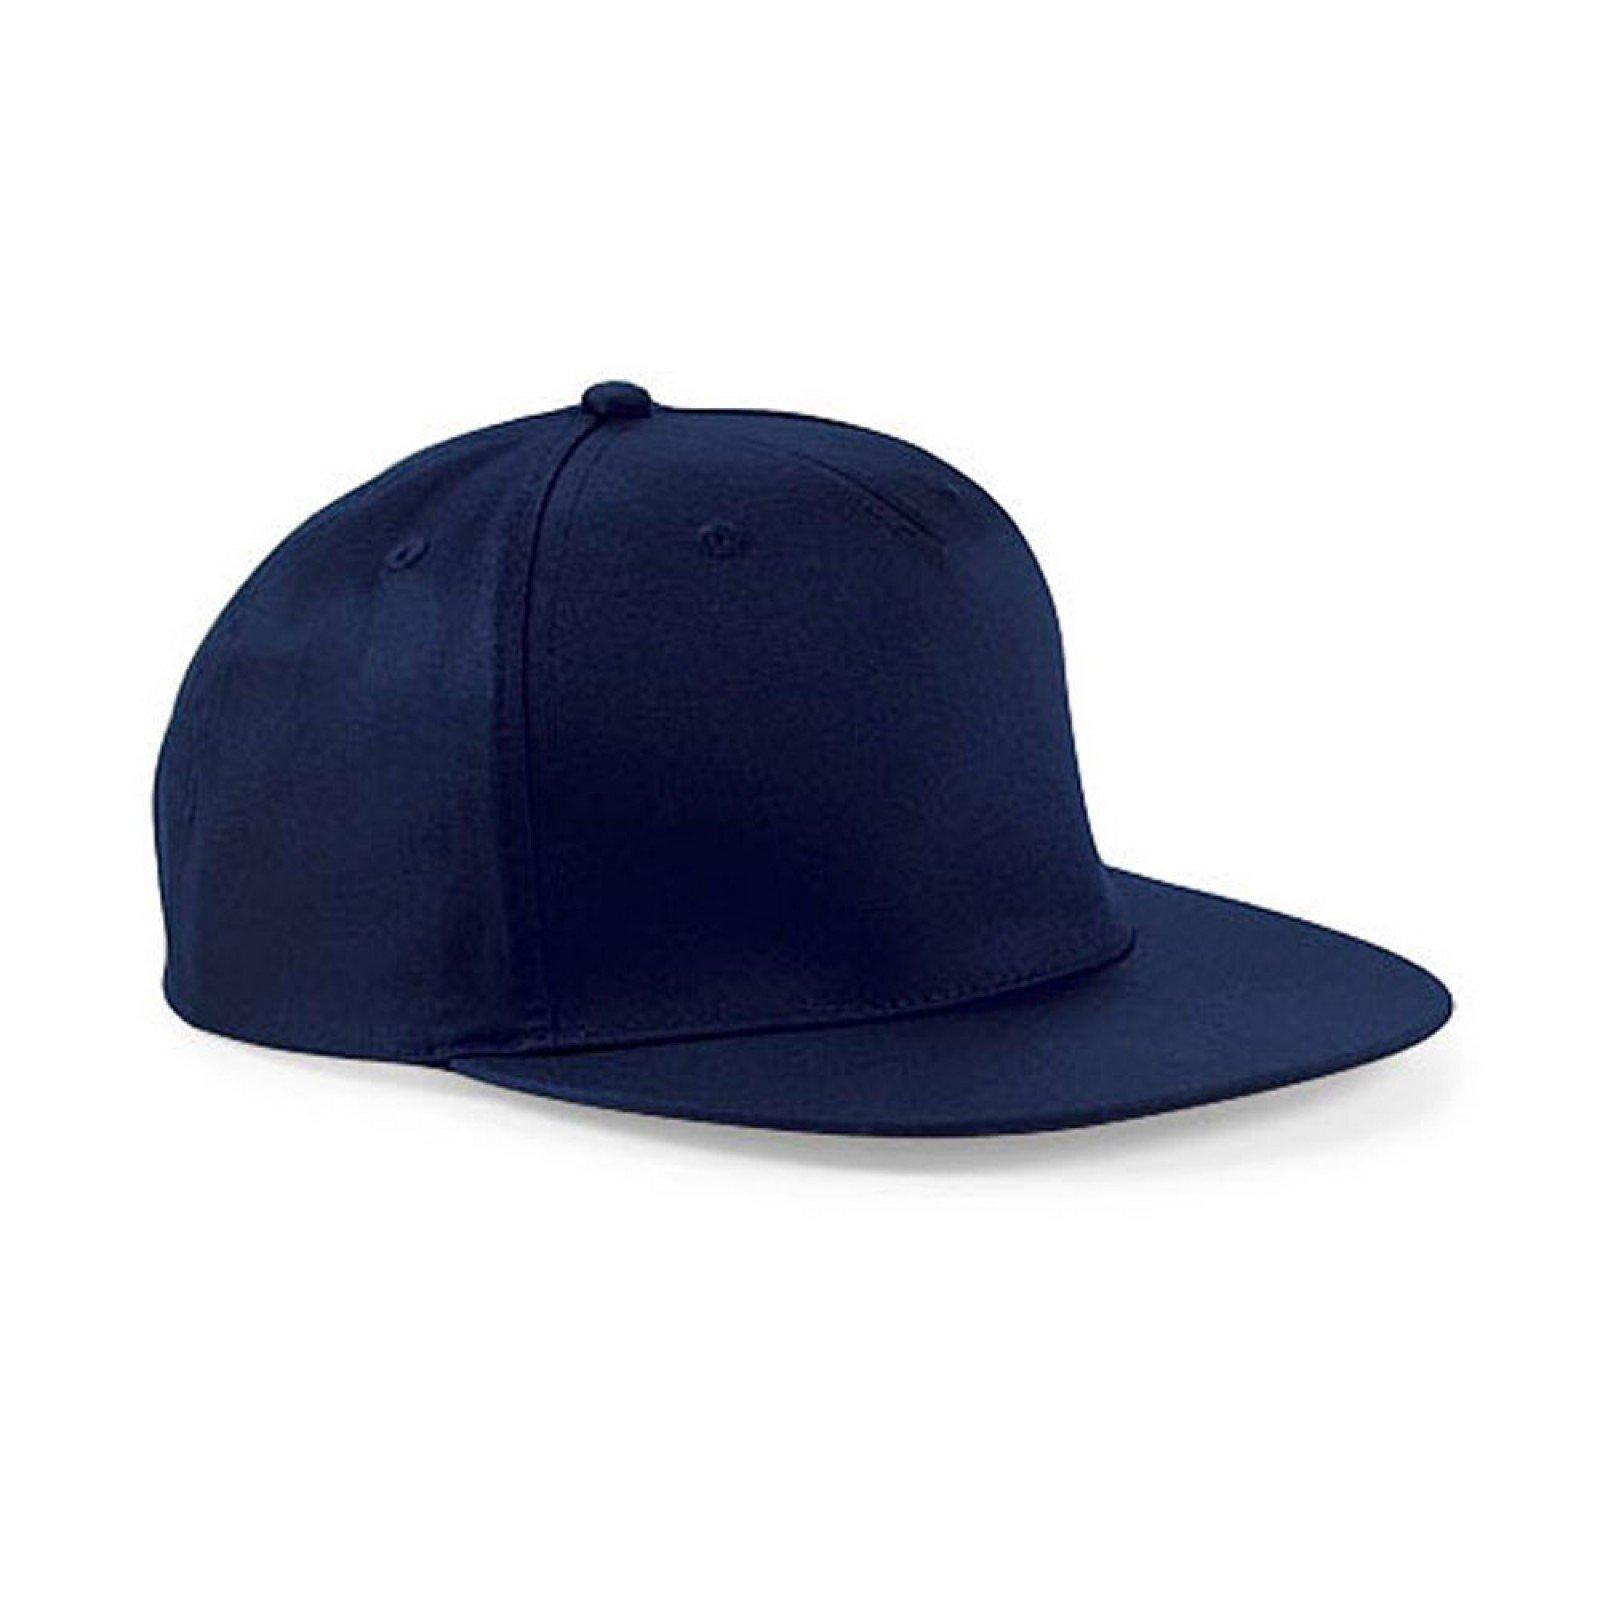 Millom CC Navy Snapback Hat